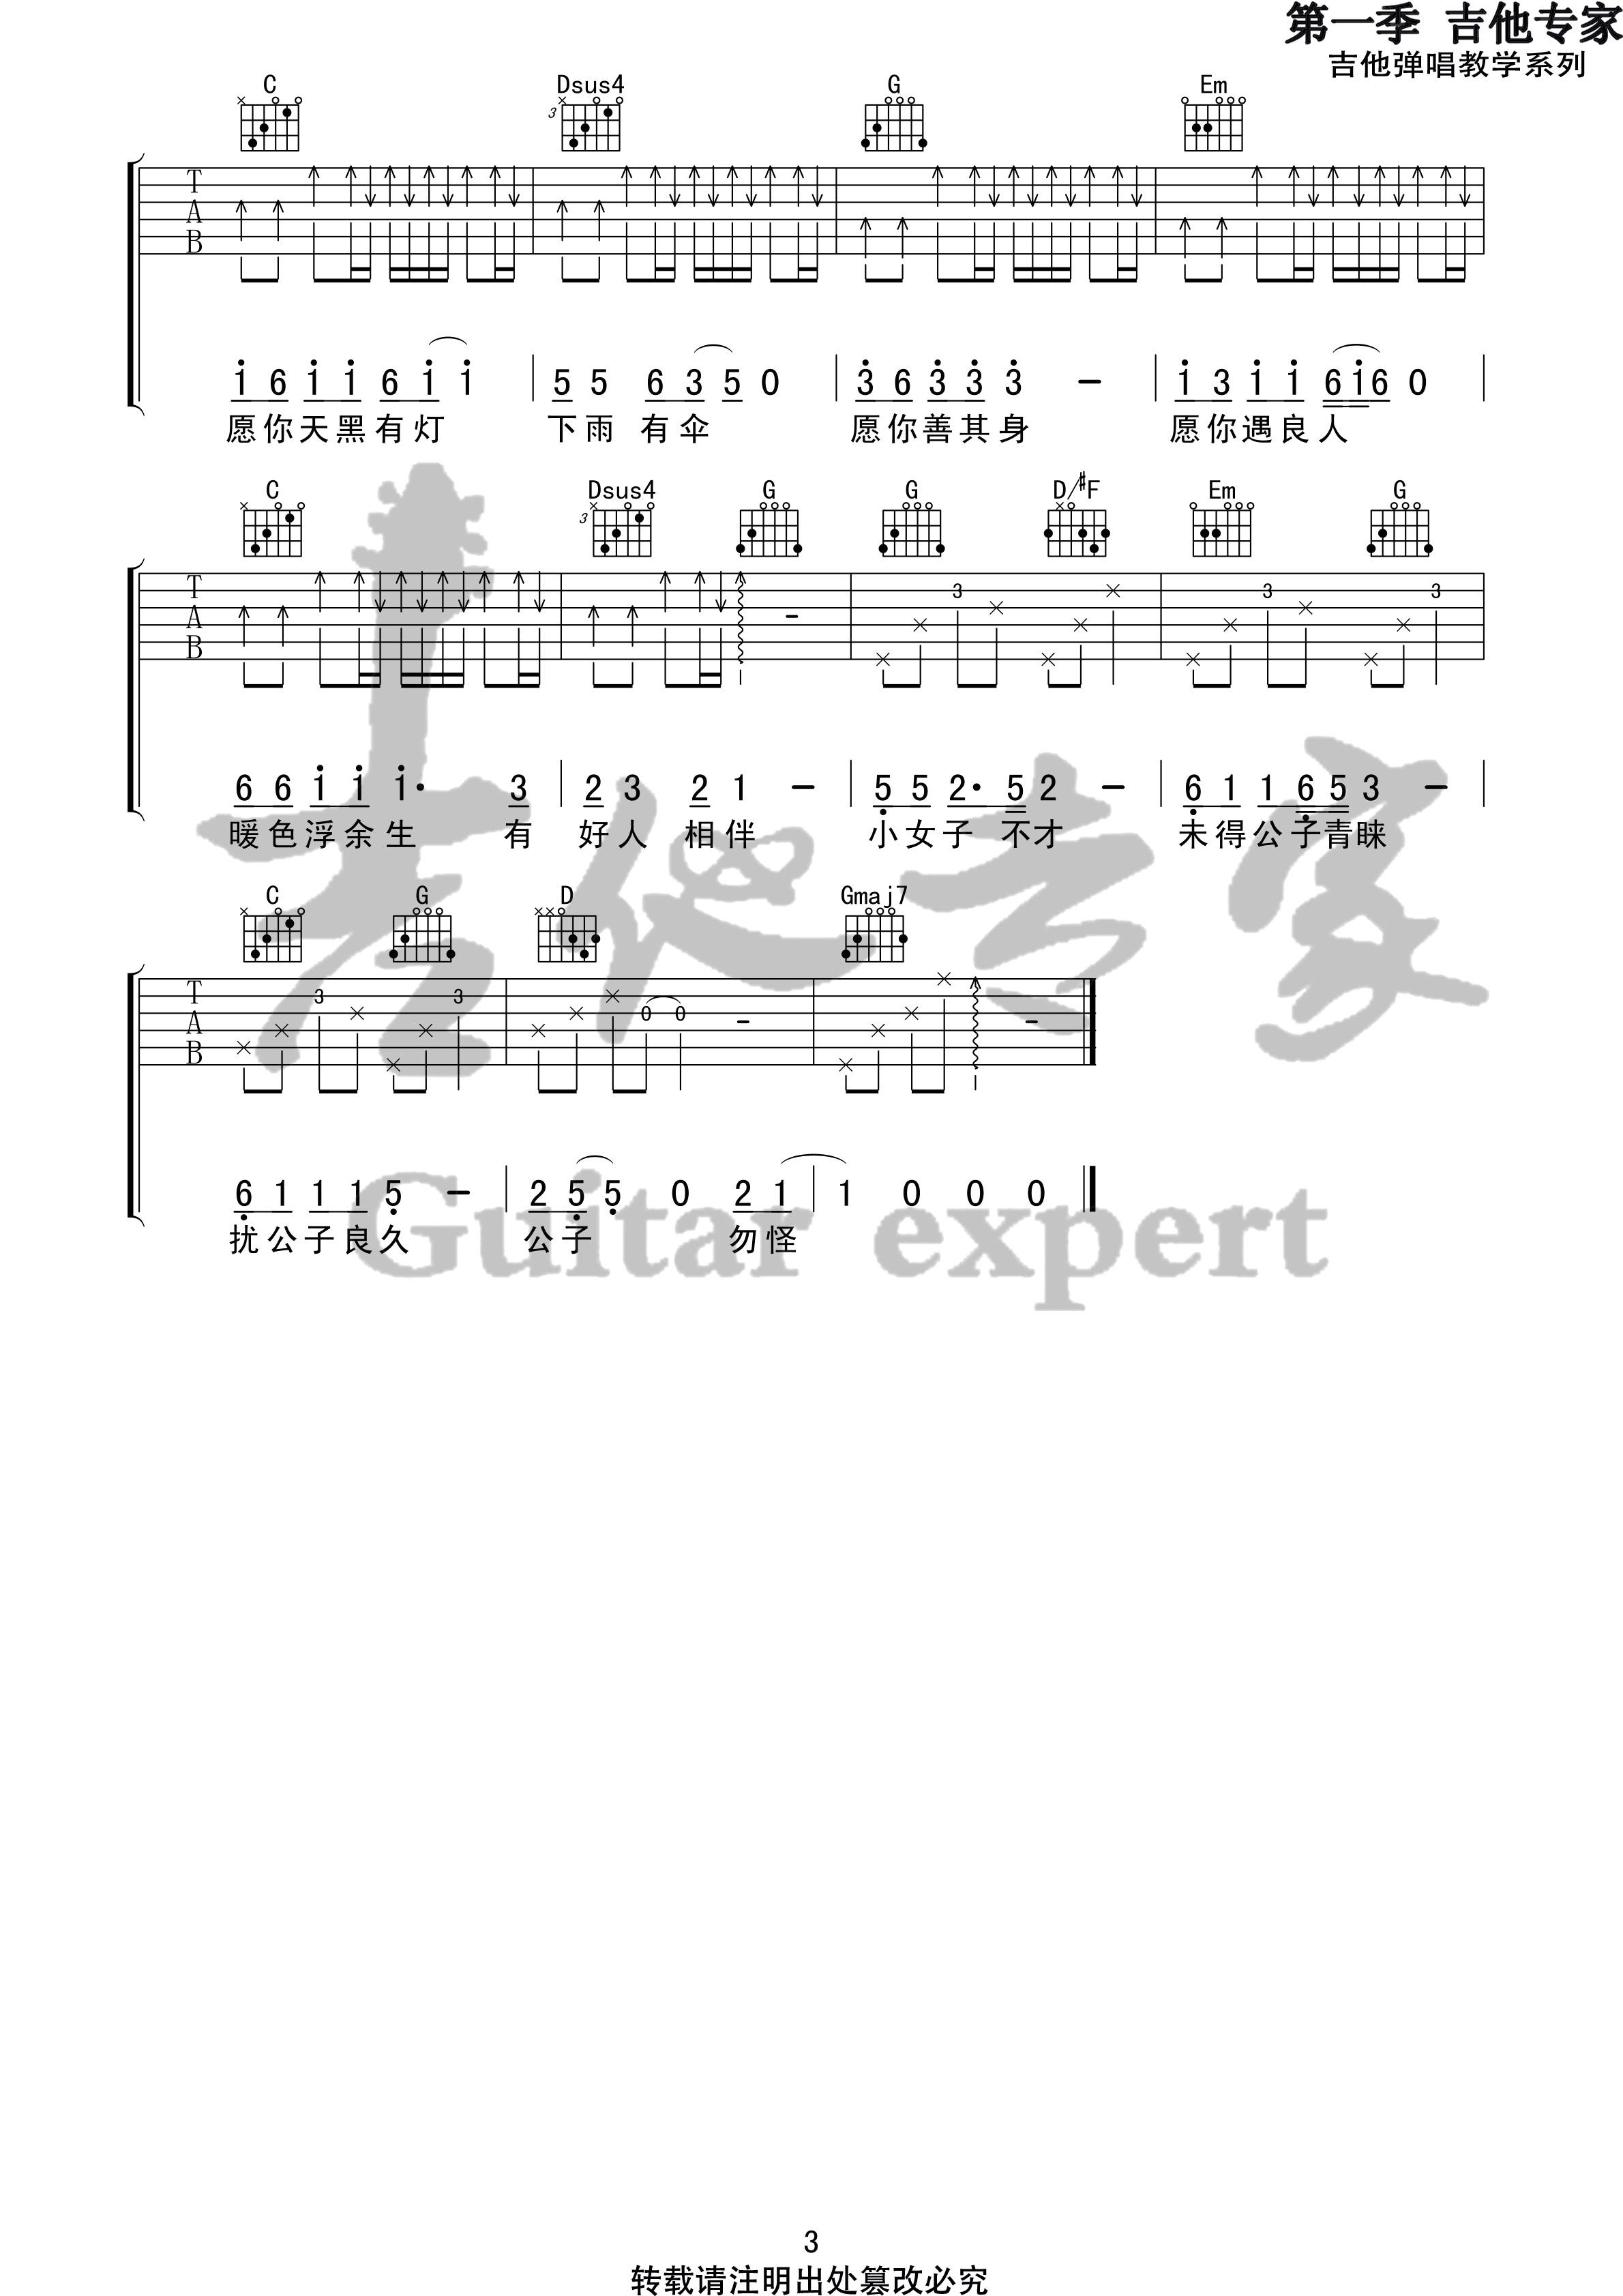 公子向北走(音艺吉他专家弹唱教学:第一季第48集)吉他谱(图片谱,弹唱,伴奏,教程)_李春花_公子向北走3 第一季第四十八集.jpg